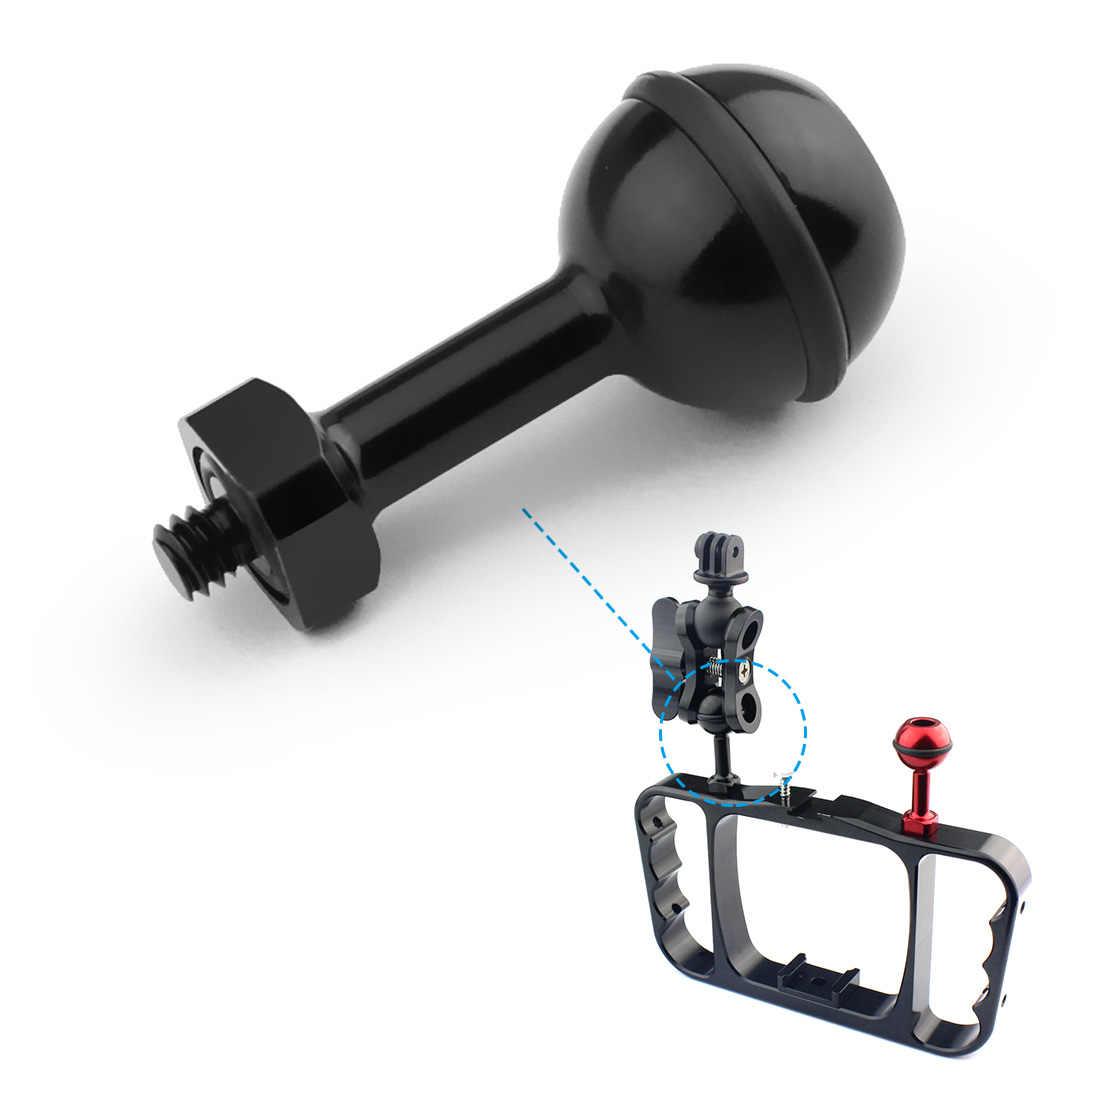 BGNing アルミ合金 1/4 インチねじ調節可能なボールヘッド用 7 6 5 4 SJCAM dji osmo アクションカメラ